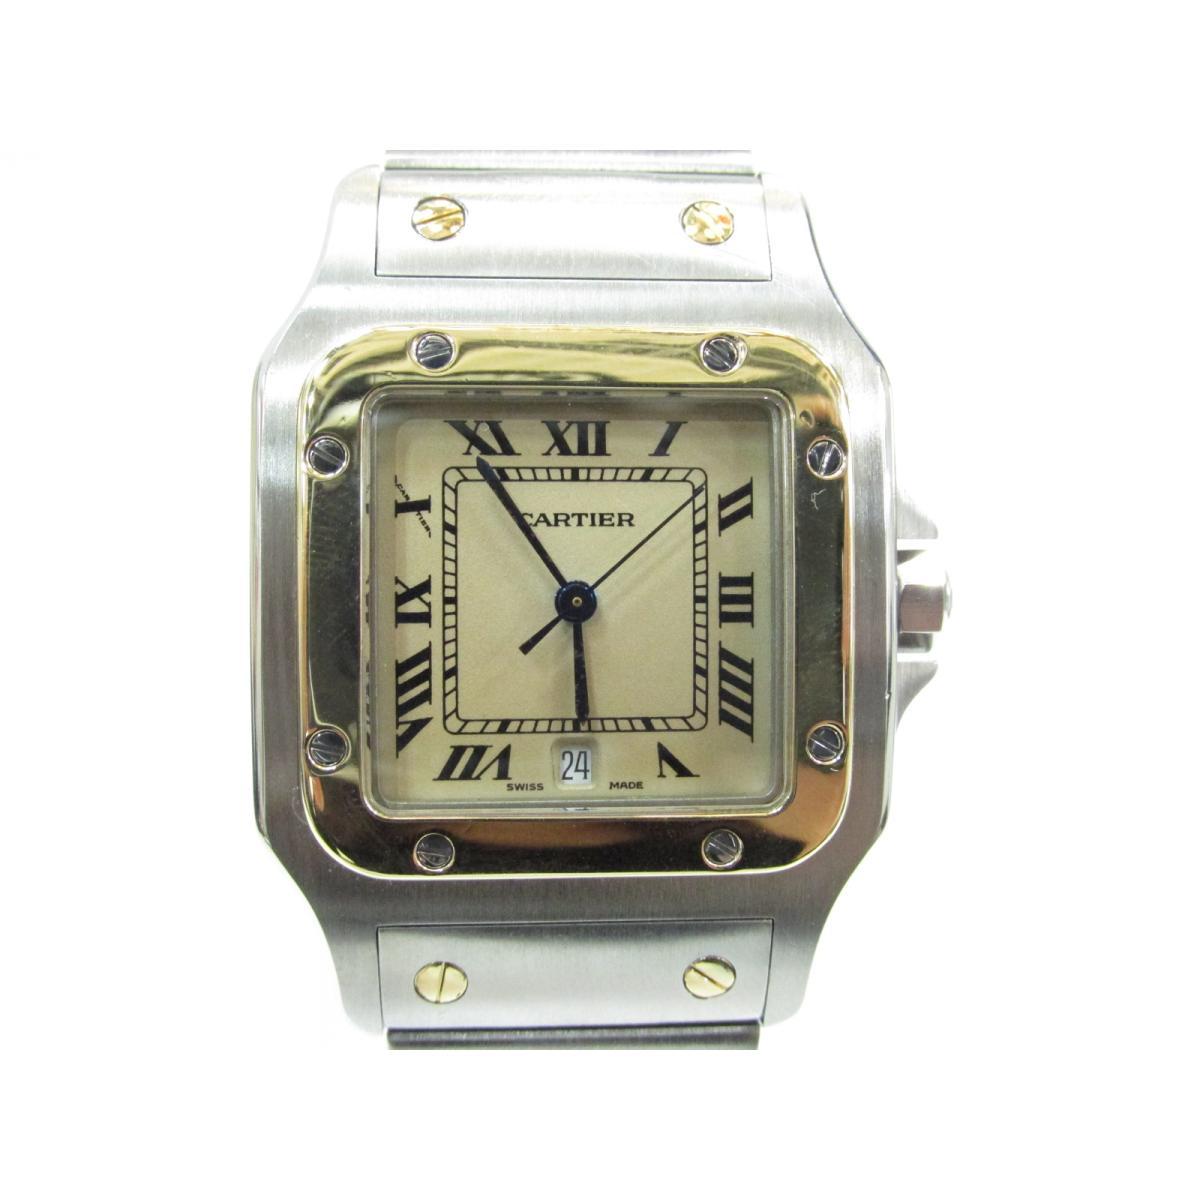 【最大24回無金利】 カルティエ サントスLM 腕時計 時計 レディース ステンレススチール (SS) 【中古】   Cartier BRANDOFF ブランドオフ ブランド ブランド時計 ブランド腕時計 ウォッチ